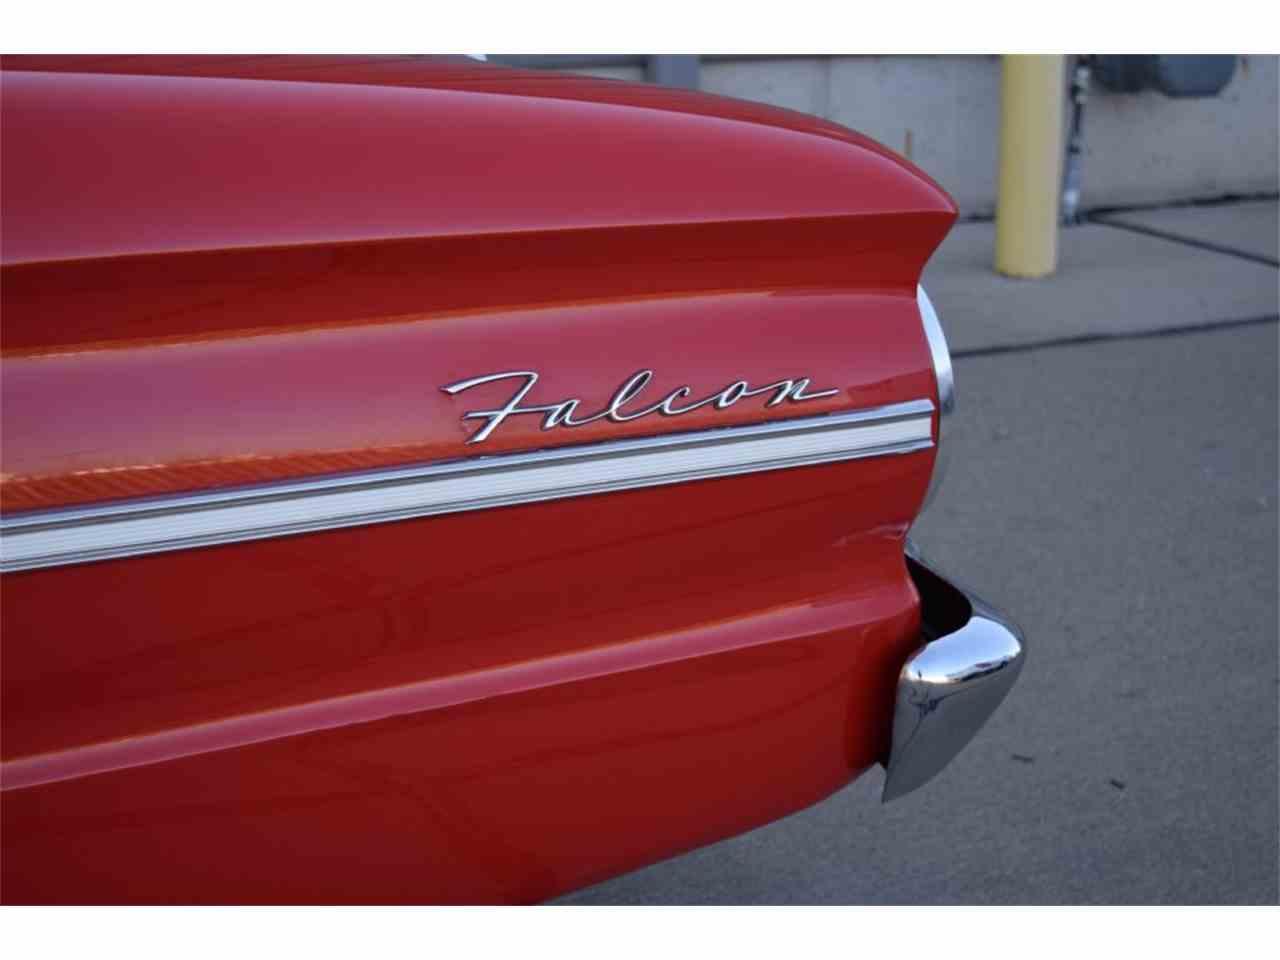 Large Picture of Classic '63 Falcon Futura located in Sioux City Iowa - $24,900.00 - LUN9